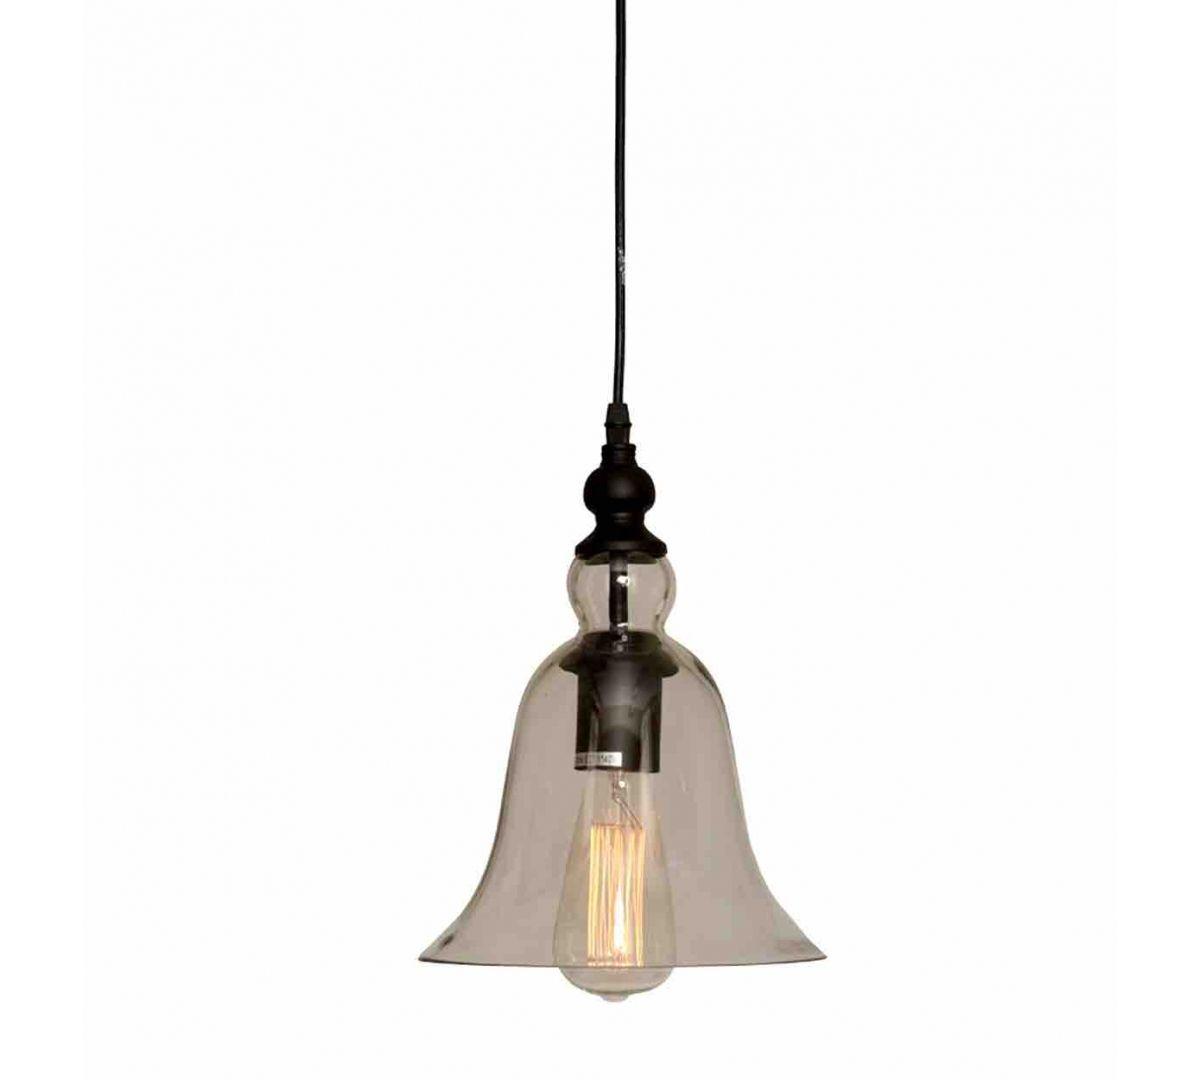 מגה וברק קספר תליה - מנורות תלייה | מחסני תאורה | מחסני תאורה | Pinterest US-64